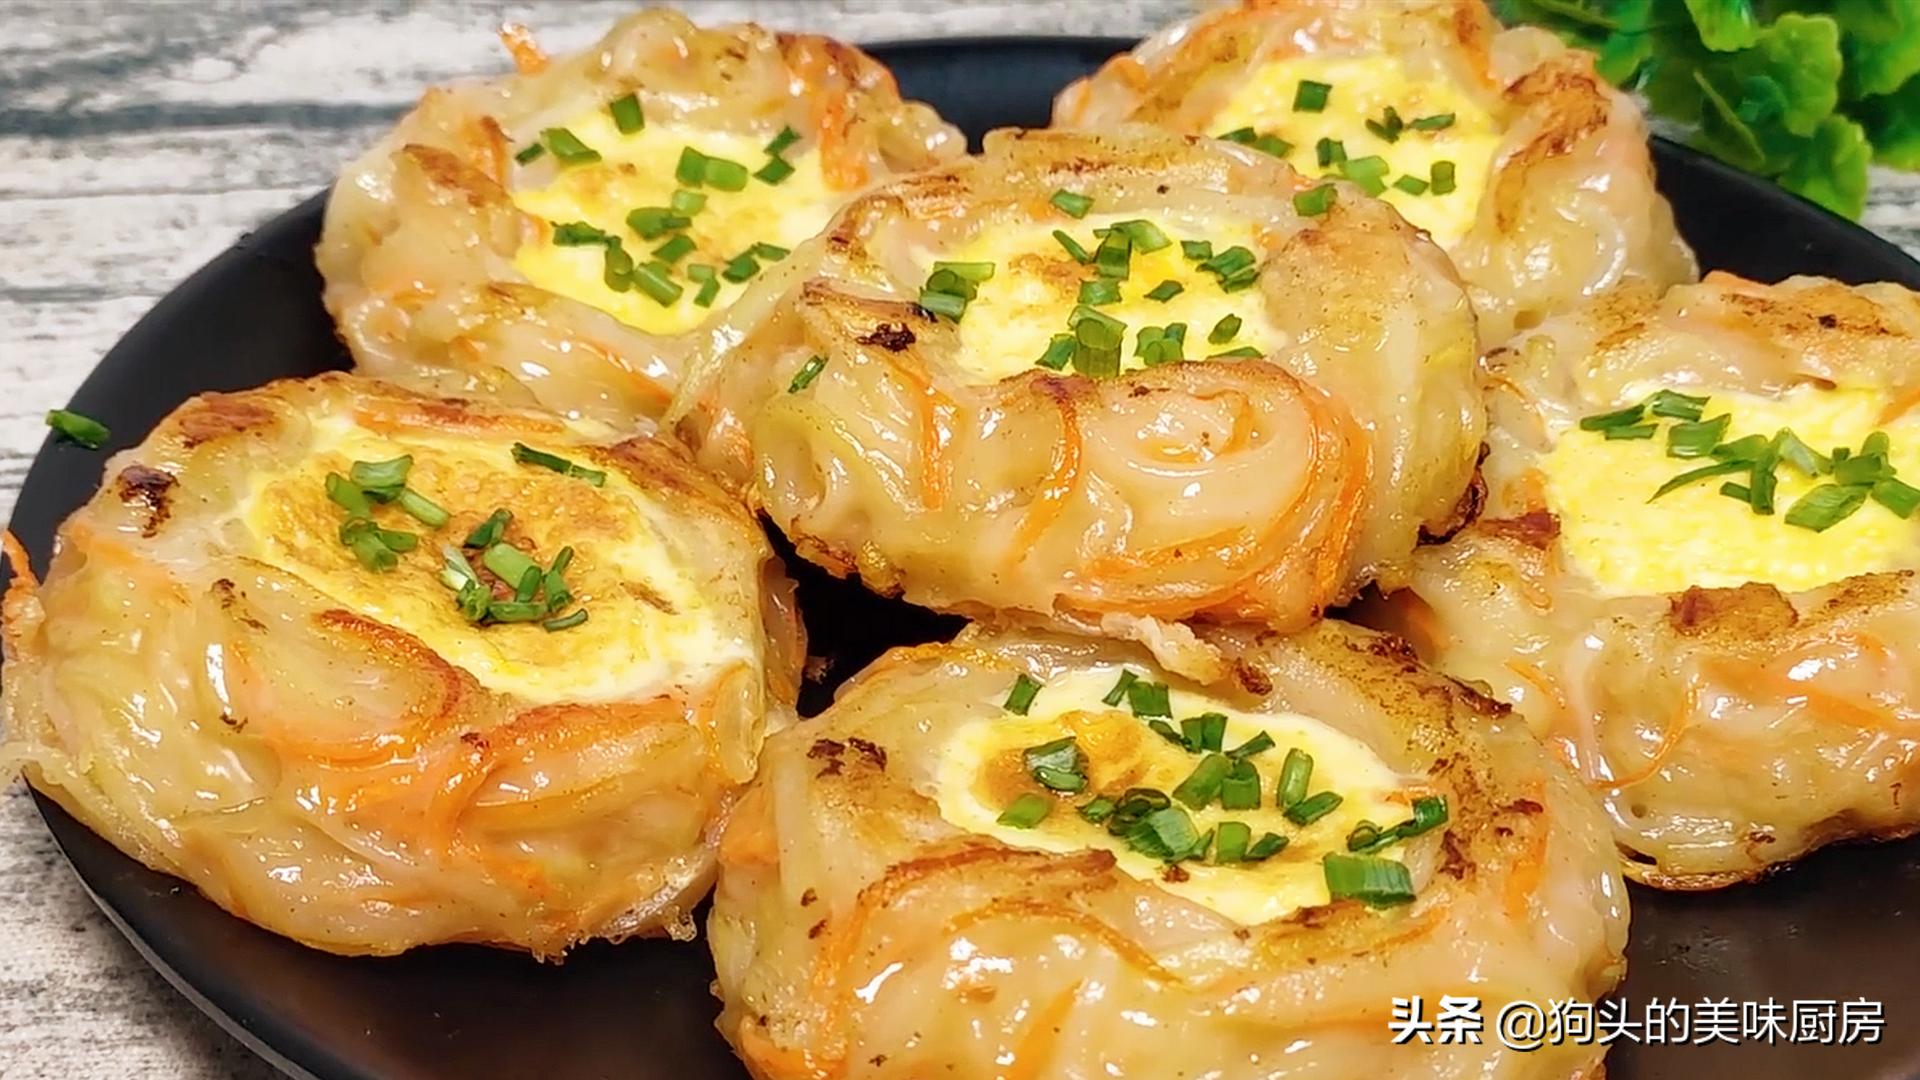 5个土豆,2个鸡蛋,教你没有吃过的做法,比肉还香,上桌就被扫光 美食做法 第1张